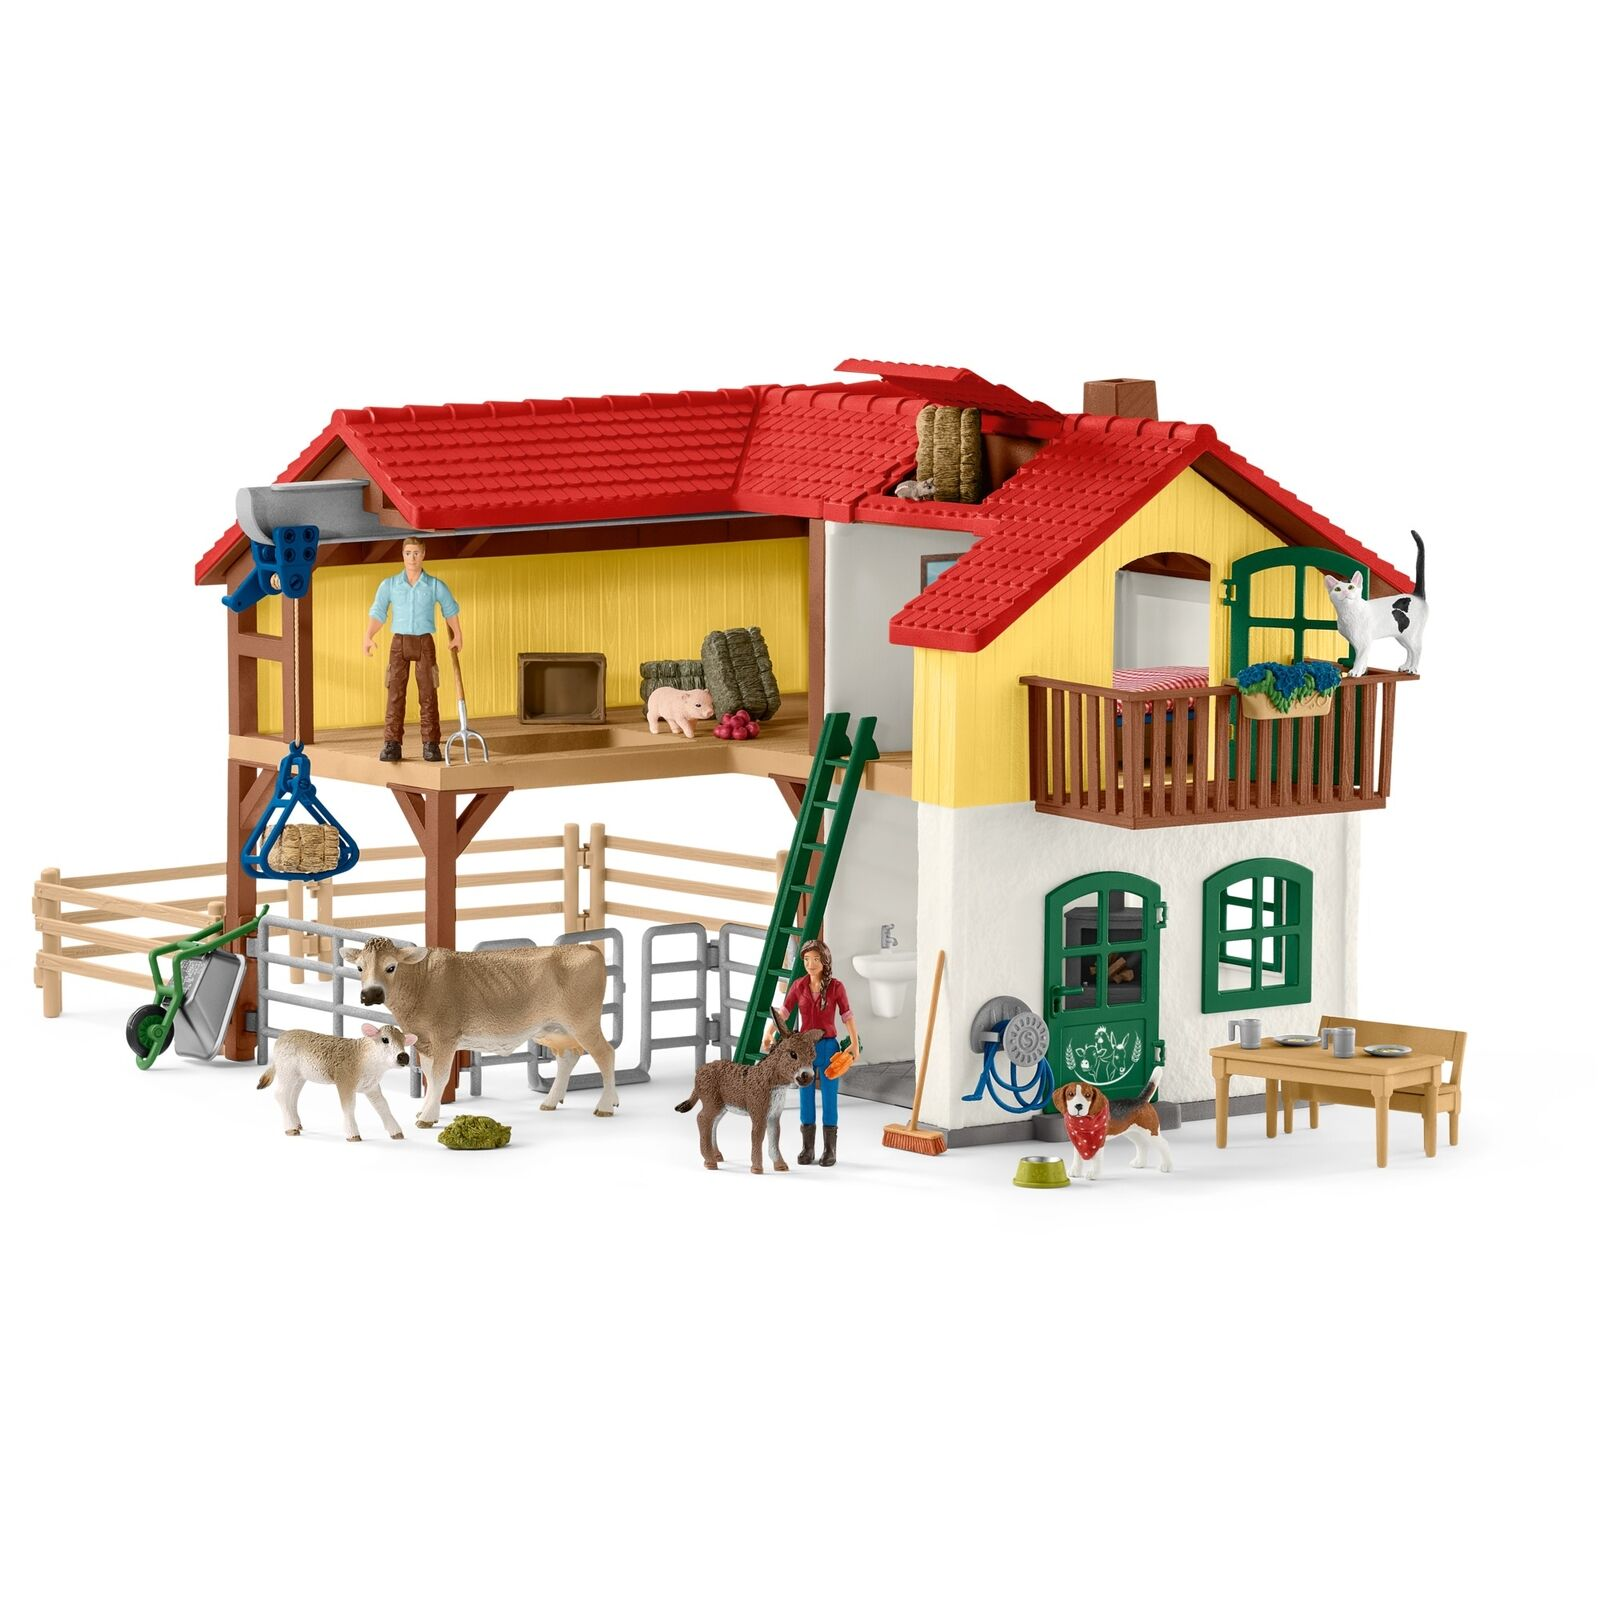 Schleich Farm World Bauernhaus mit Stall und Tieren, Spielfigur